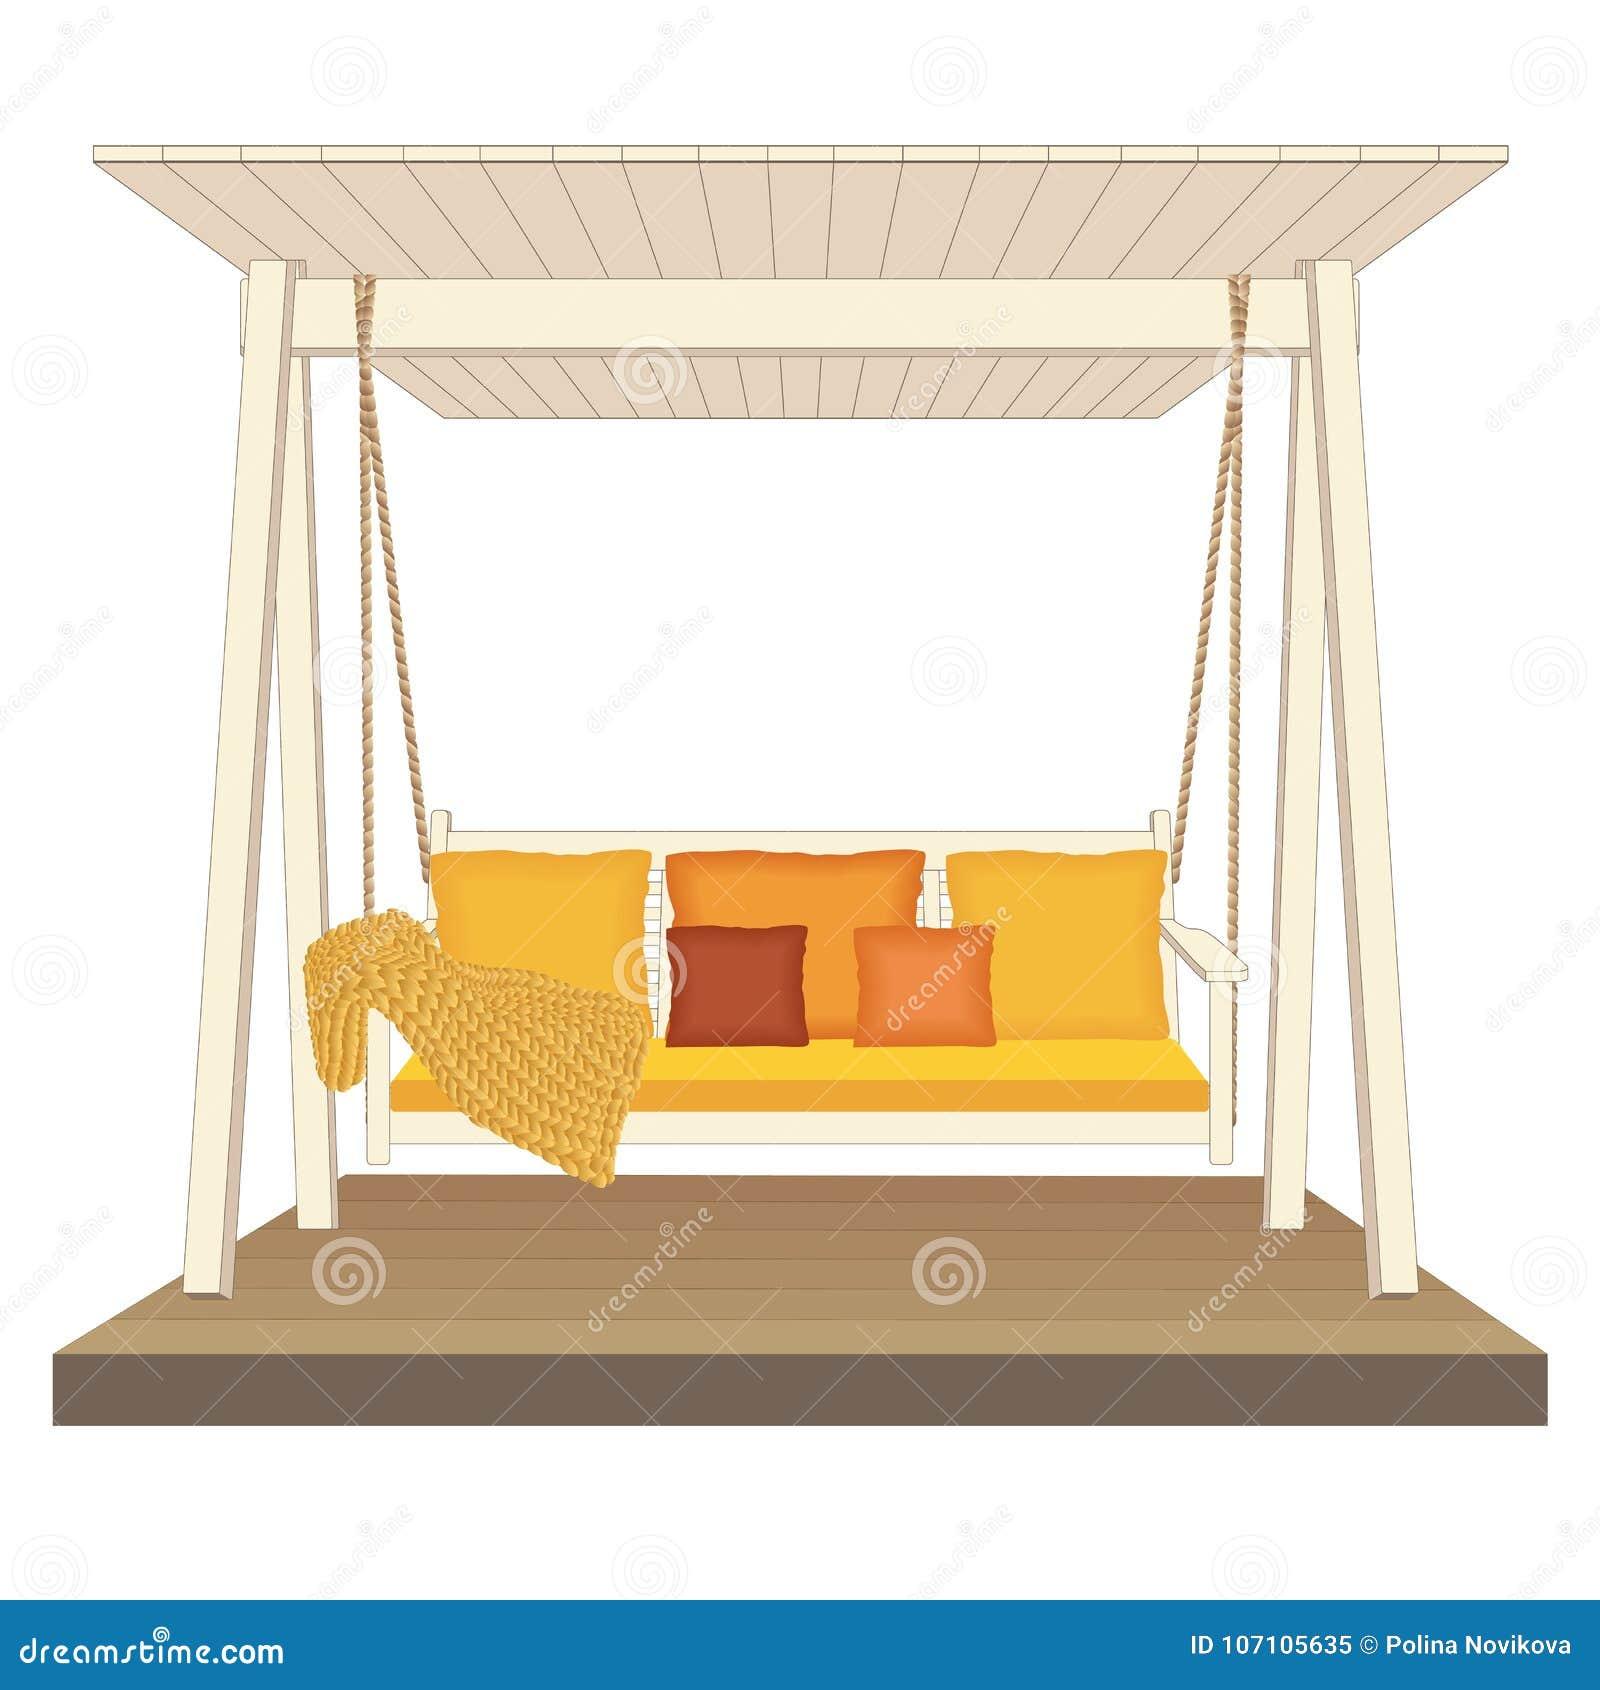 Oscilación de madera clásico al aire libre, pintado en el color blanco El jardín relaja los muebles, ejemplo en el fondo blanco